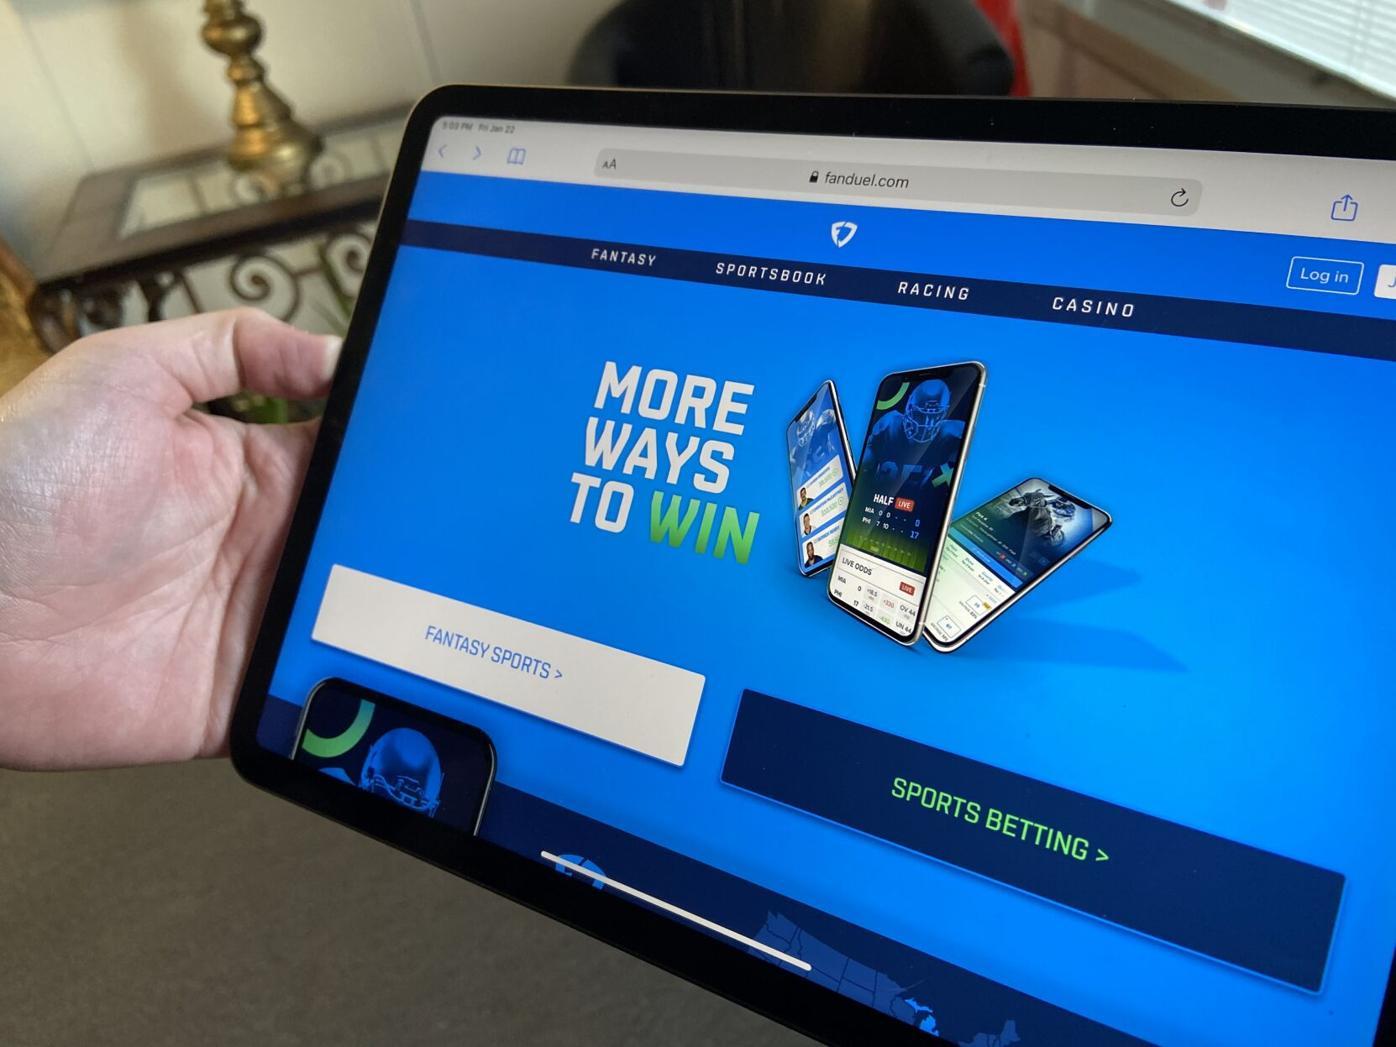 Star tribune mobile sports betting betbrain soccer betting